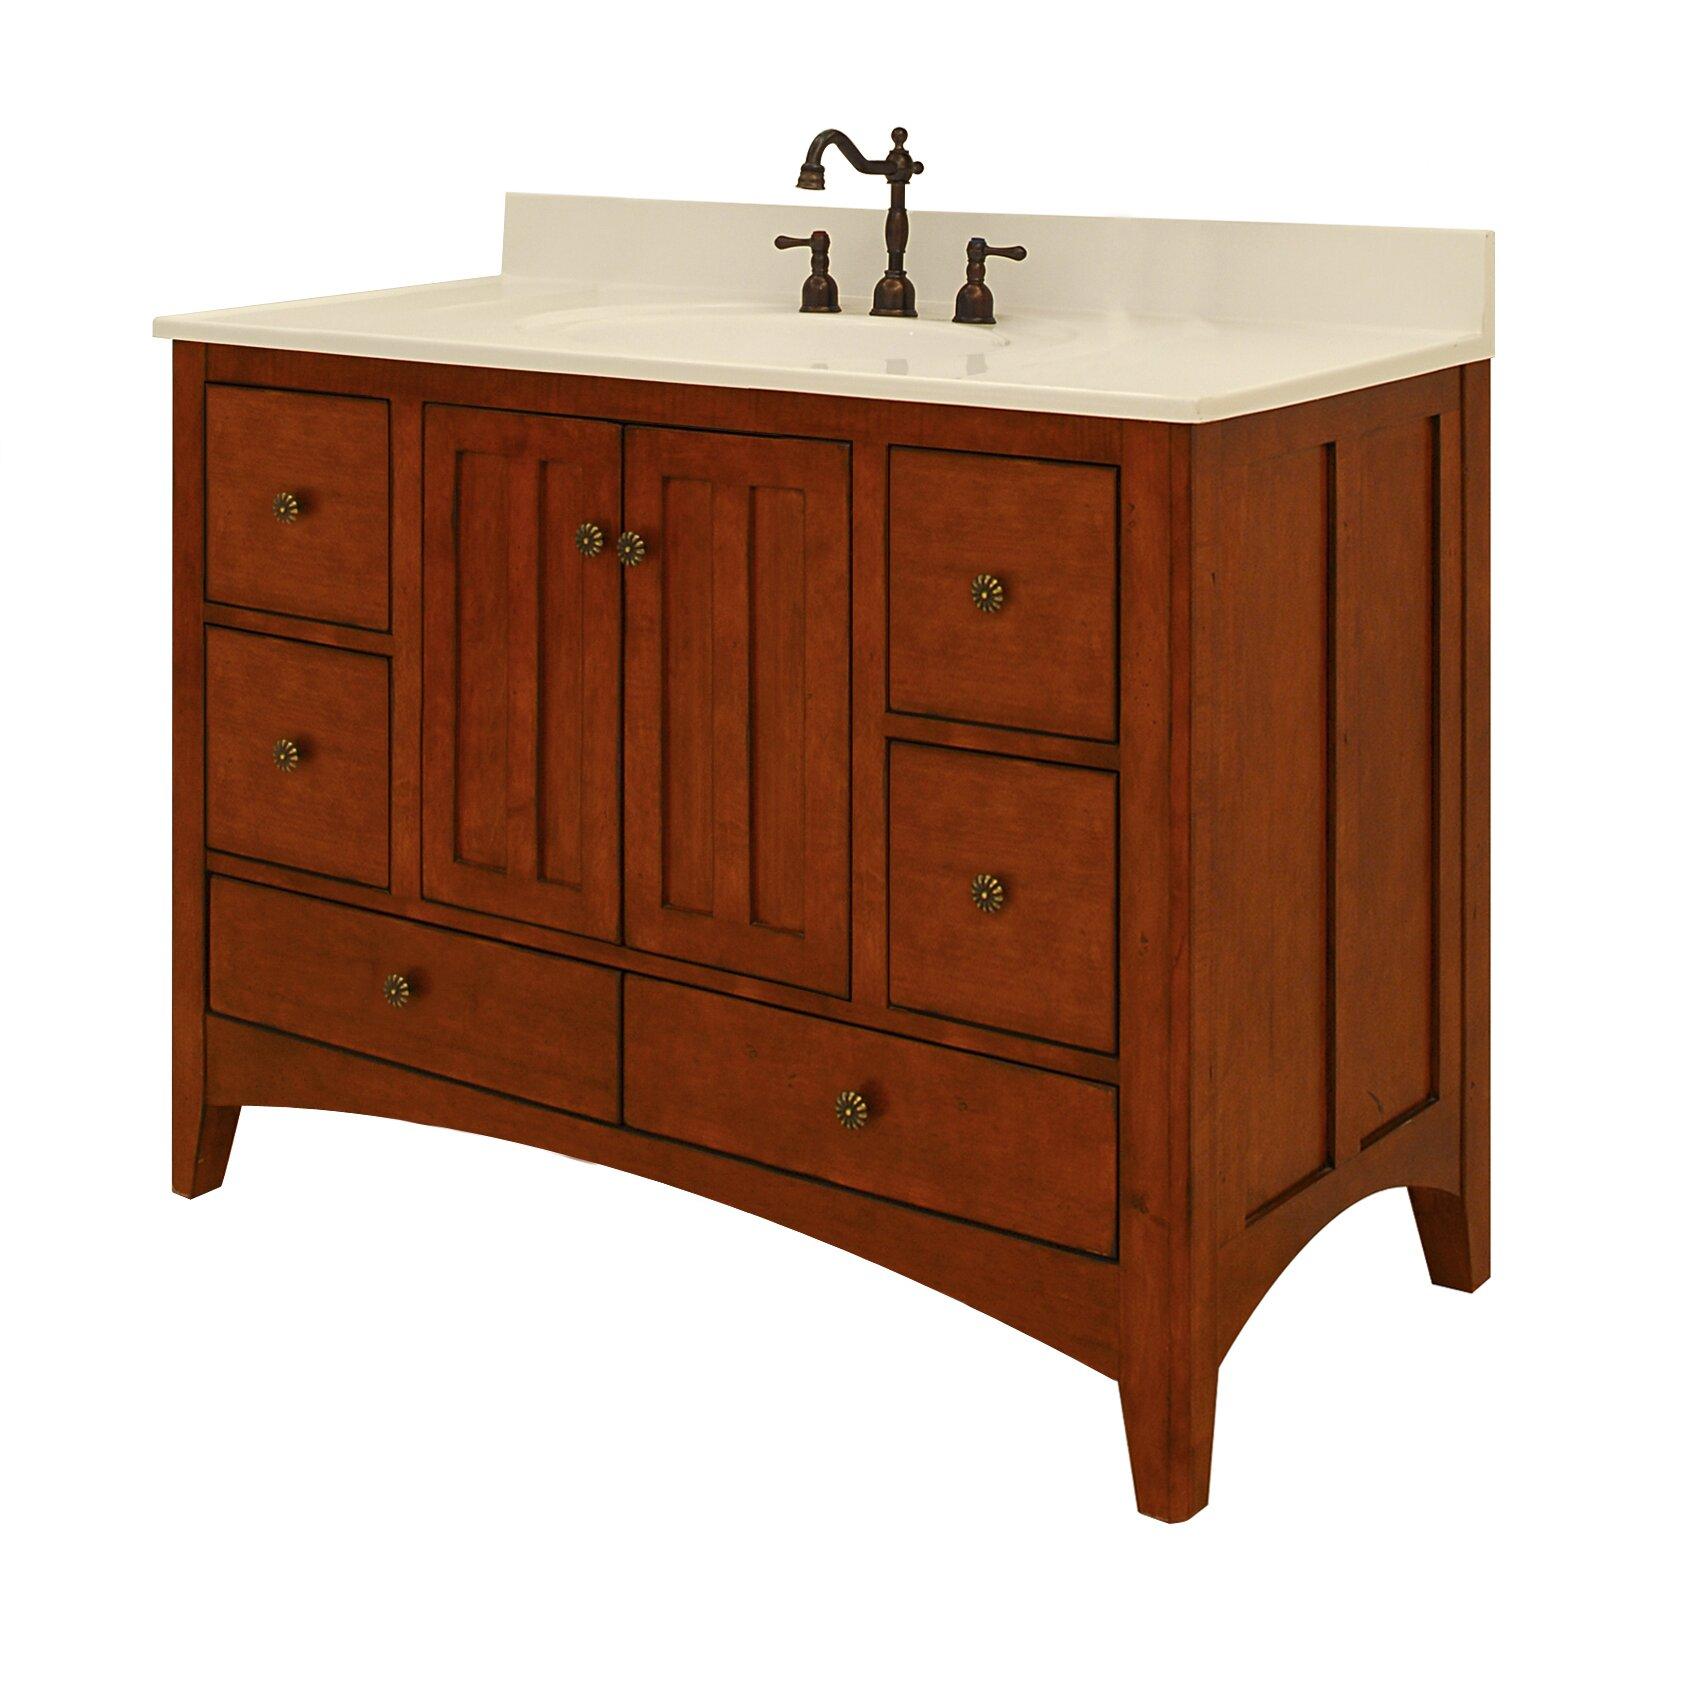 Expressions 48 bathroom vanity base wayfair for 48 inch bathroom vanity base